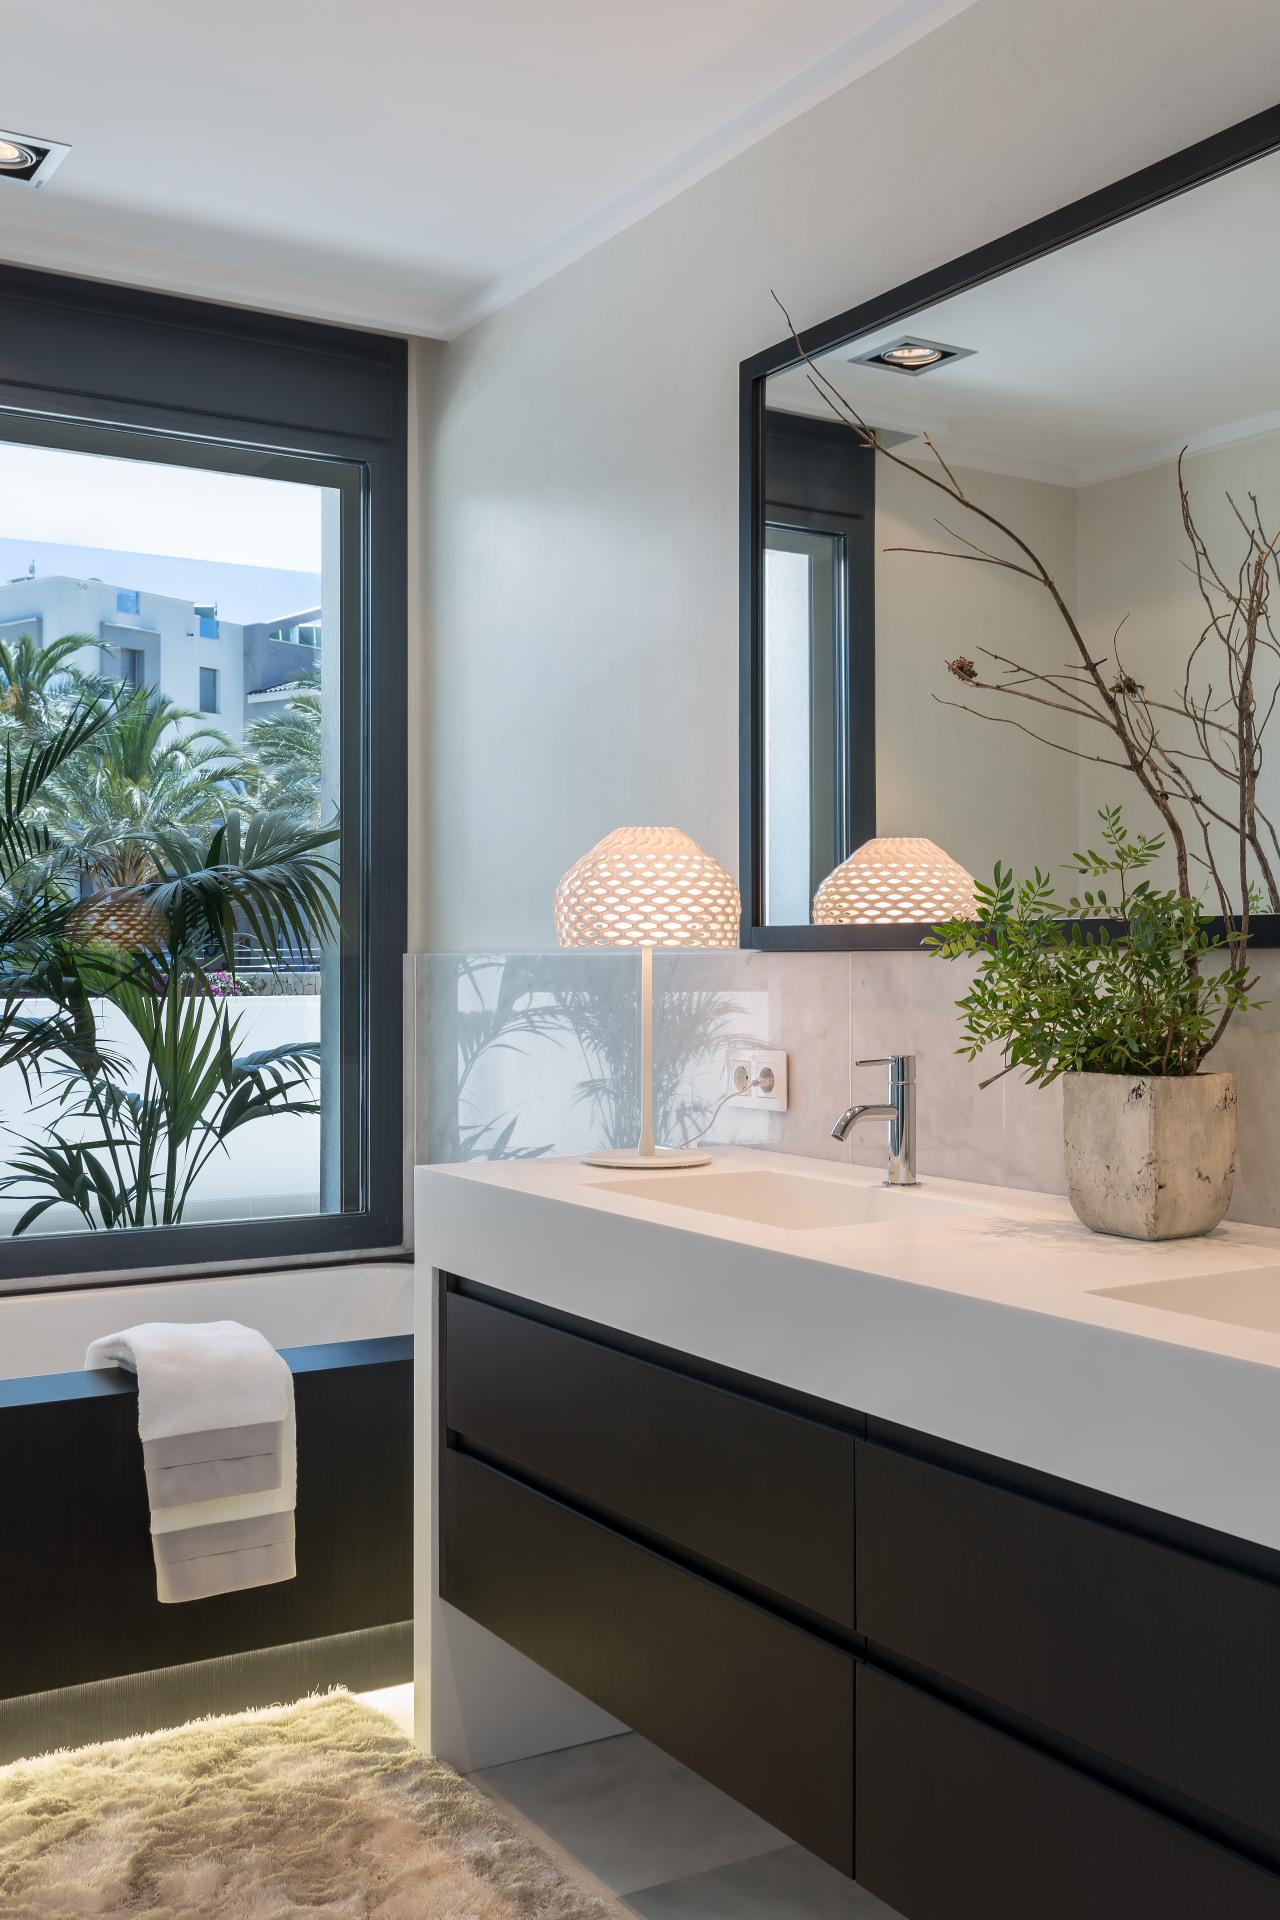 fotografia-arquitectura-interiorismo-valencia-alicante-moraira-german-cabo-laura-yerpes (39)